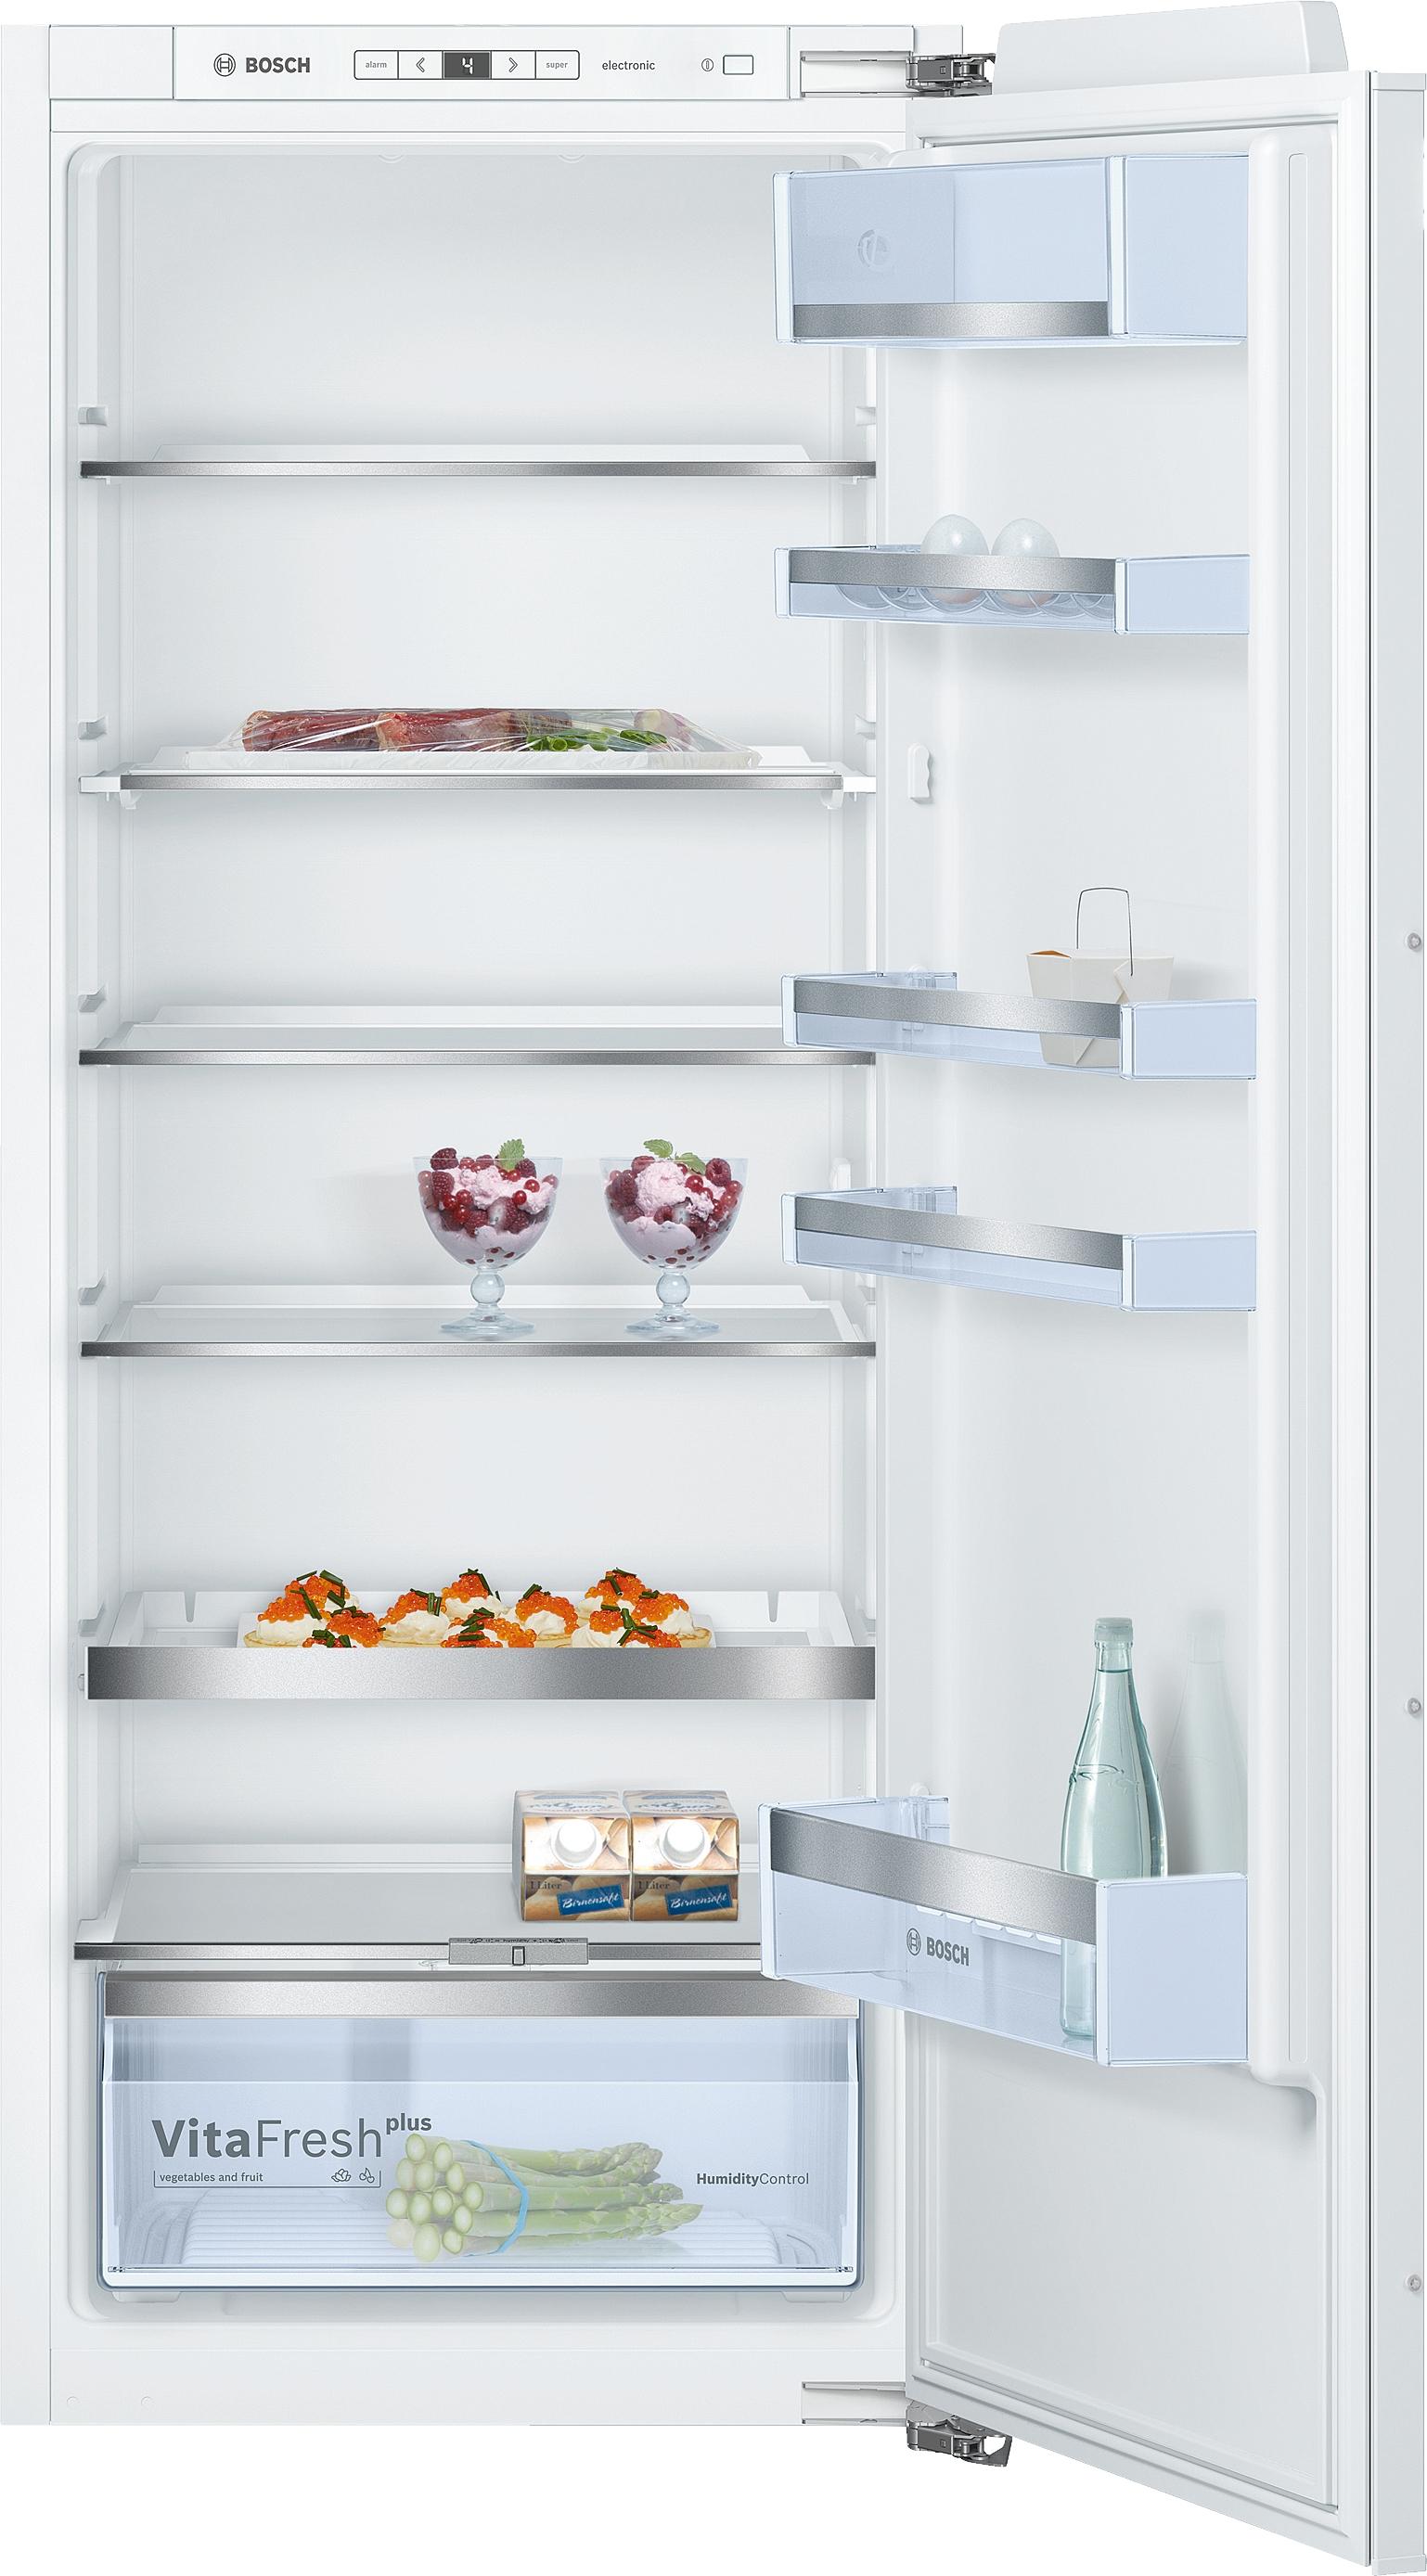 Einbaukühlschränke | www.schwabenkuechen.de